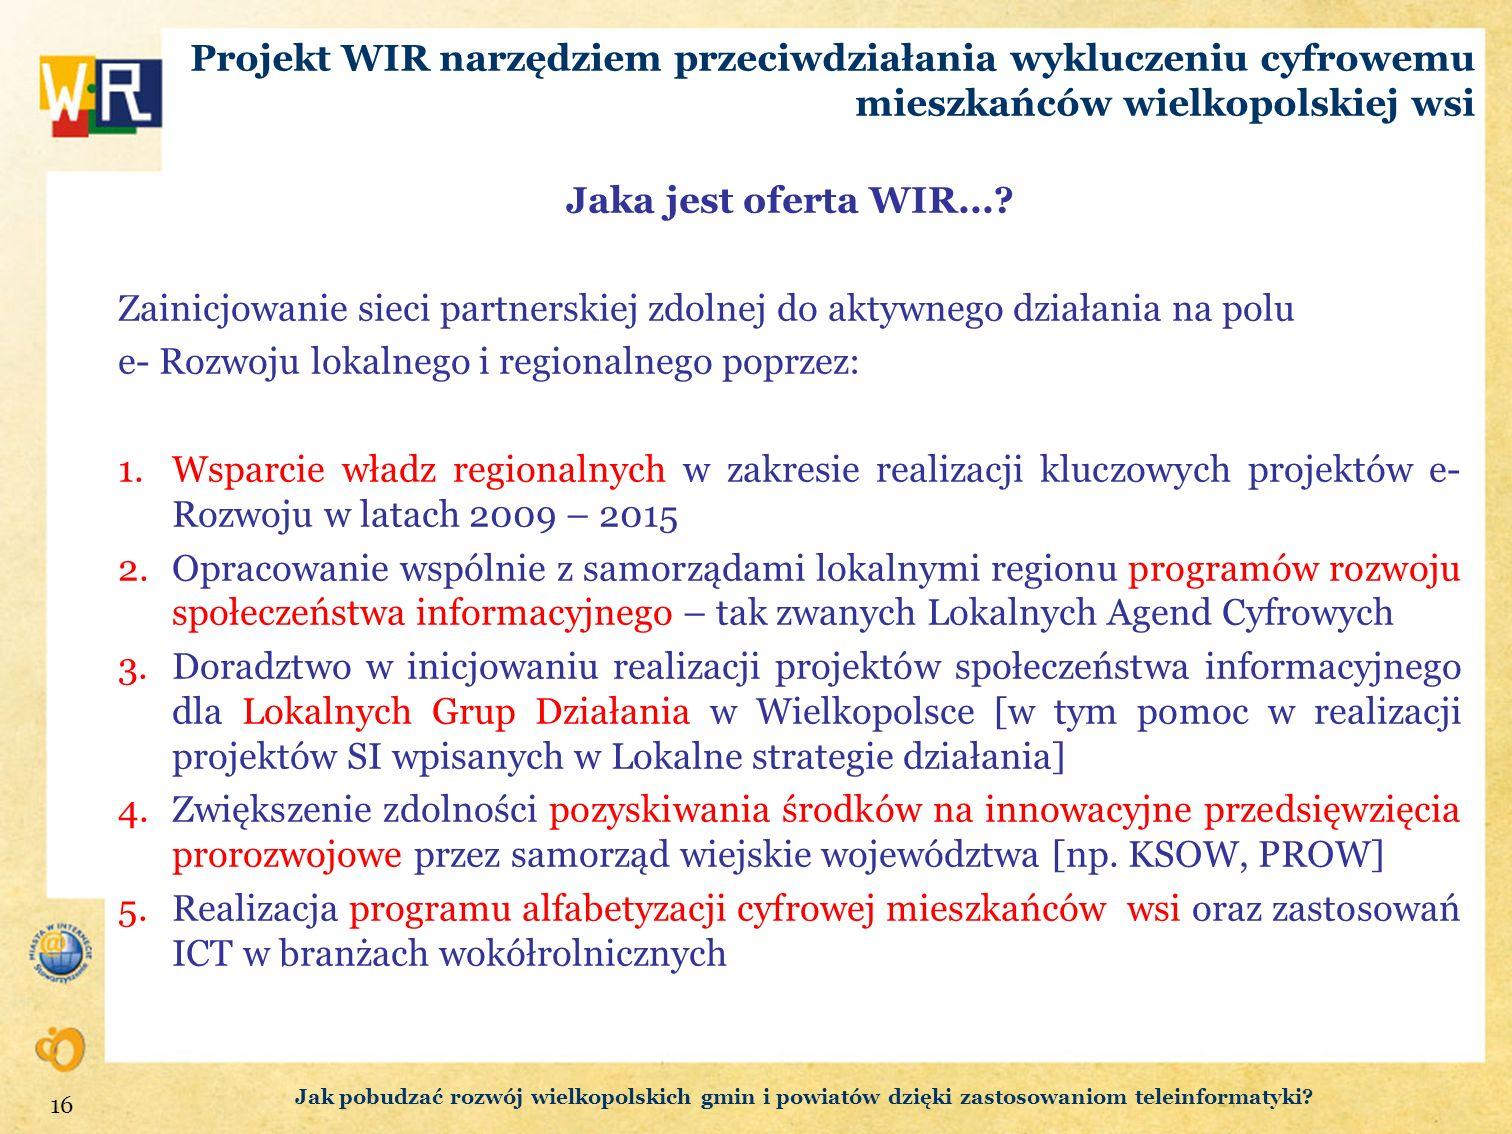 Projekt WIR narzędziem przeciwdziałania wykluczeniu cyfrowemu mieszkańców wielkopolskiej wsi Jaka jest oferta WIR...? Zainicjowanie sieci partnerskiej